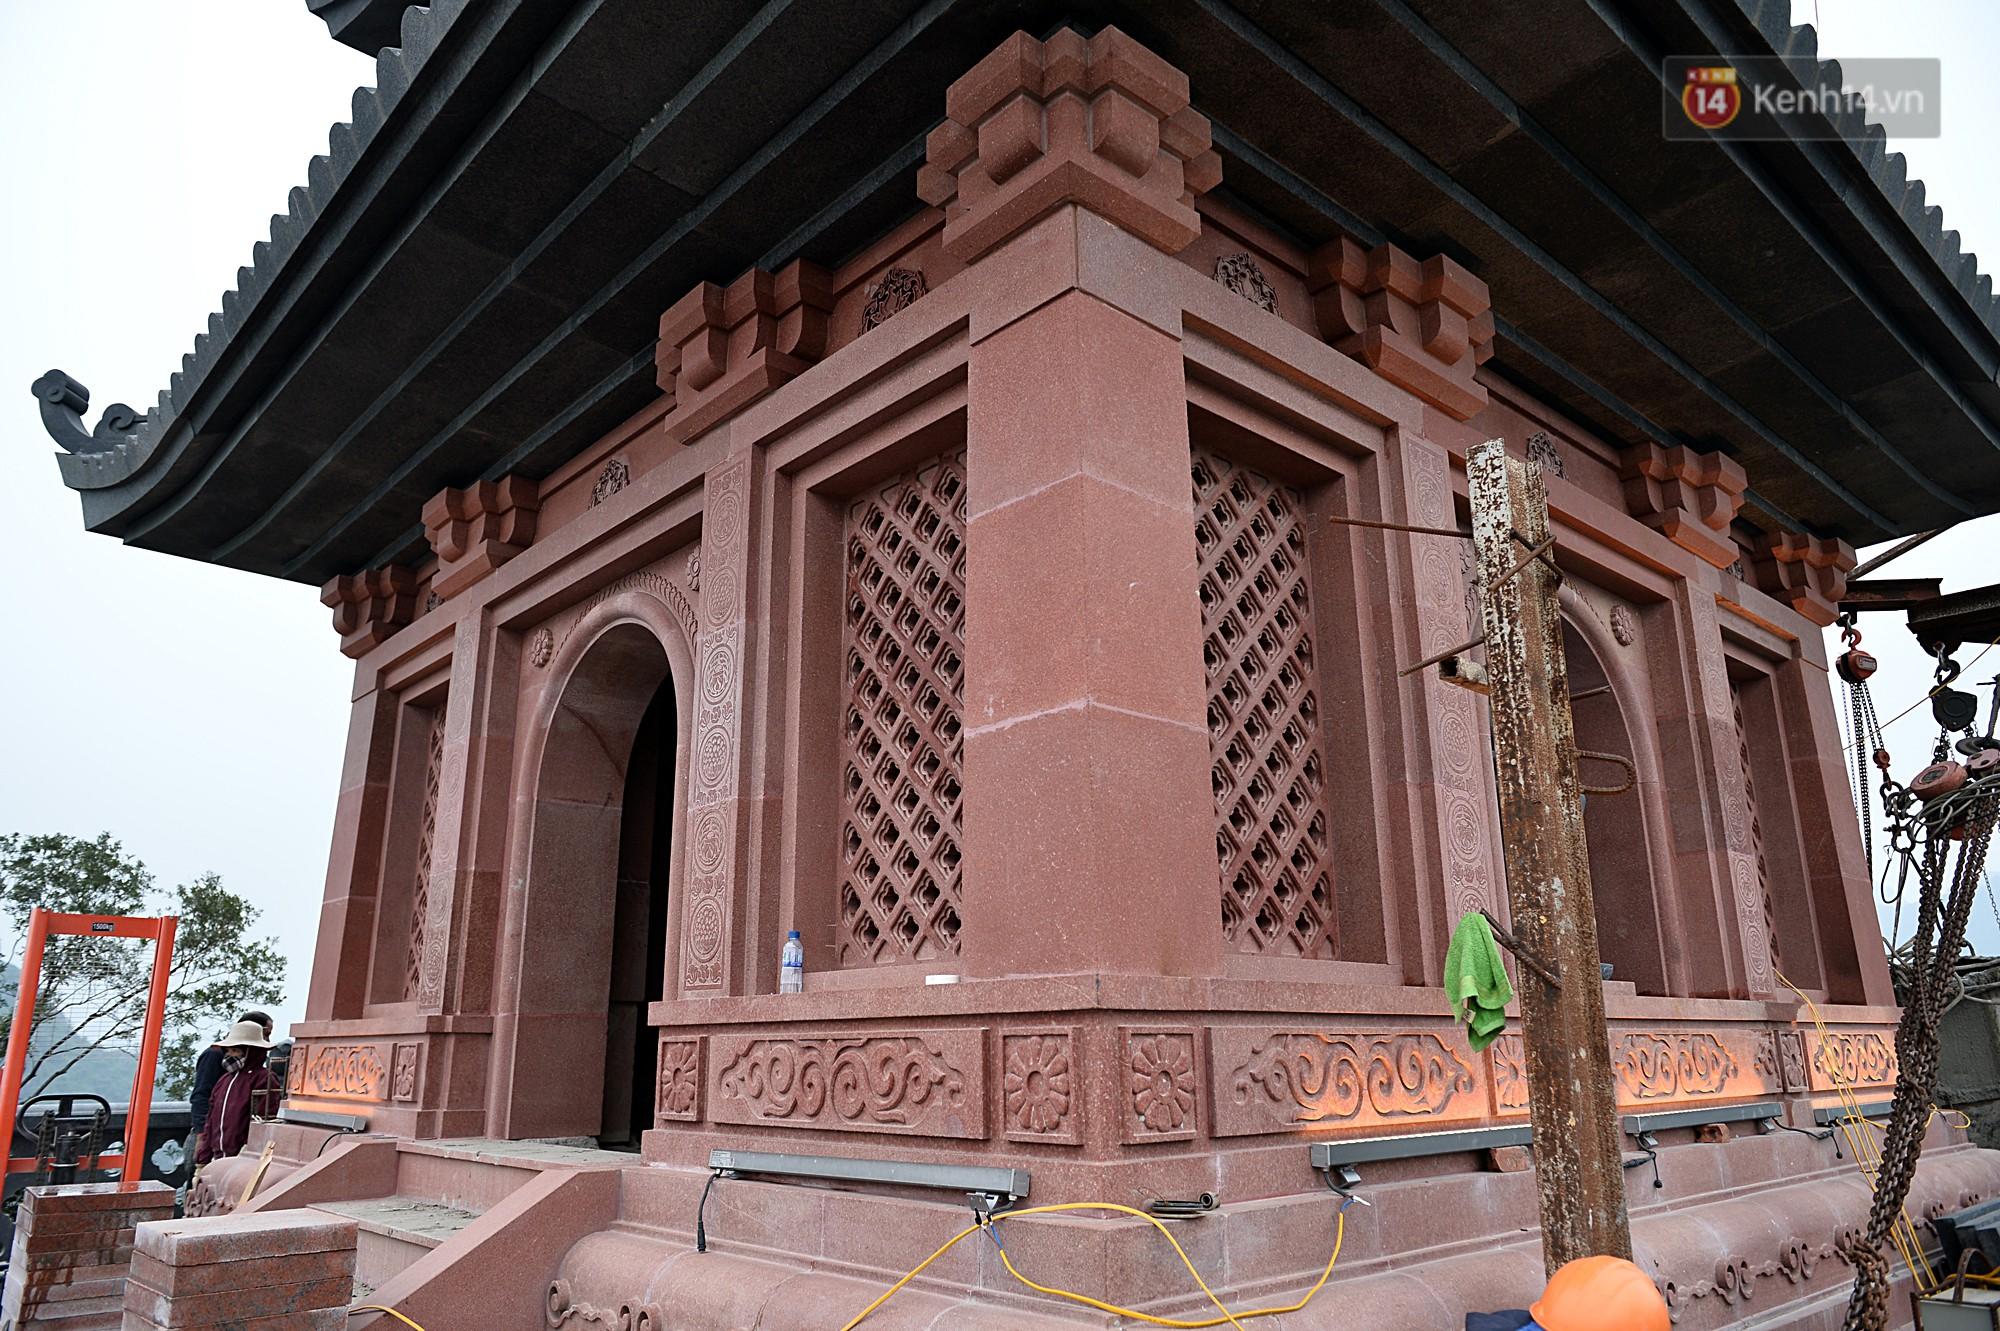 Bảo tháp được xây dựng từ những phiến đá lớn, ghép vào nhau. Từ xa du khách có thể chiêm bái và cảm nhận màu sắc thay đổi theo tùy thời điểm.